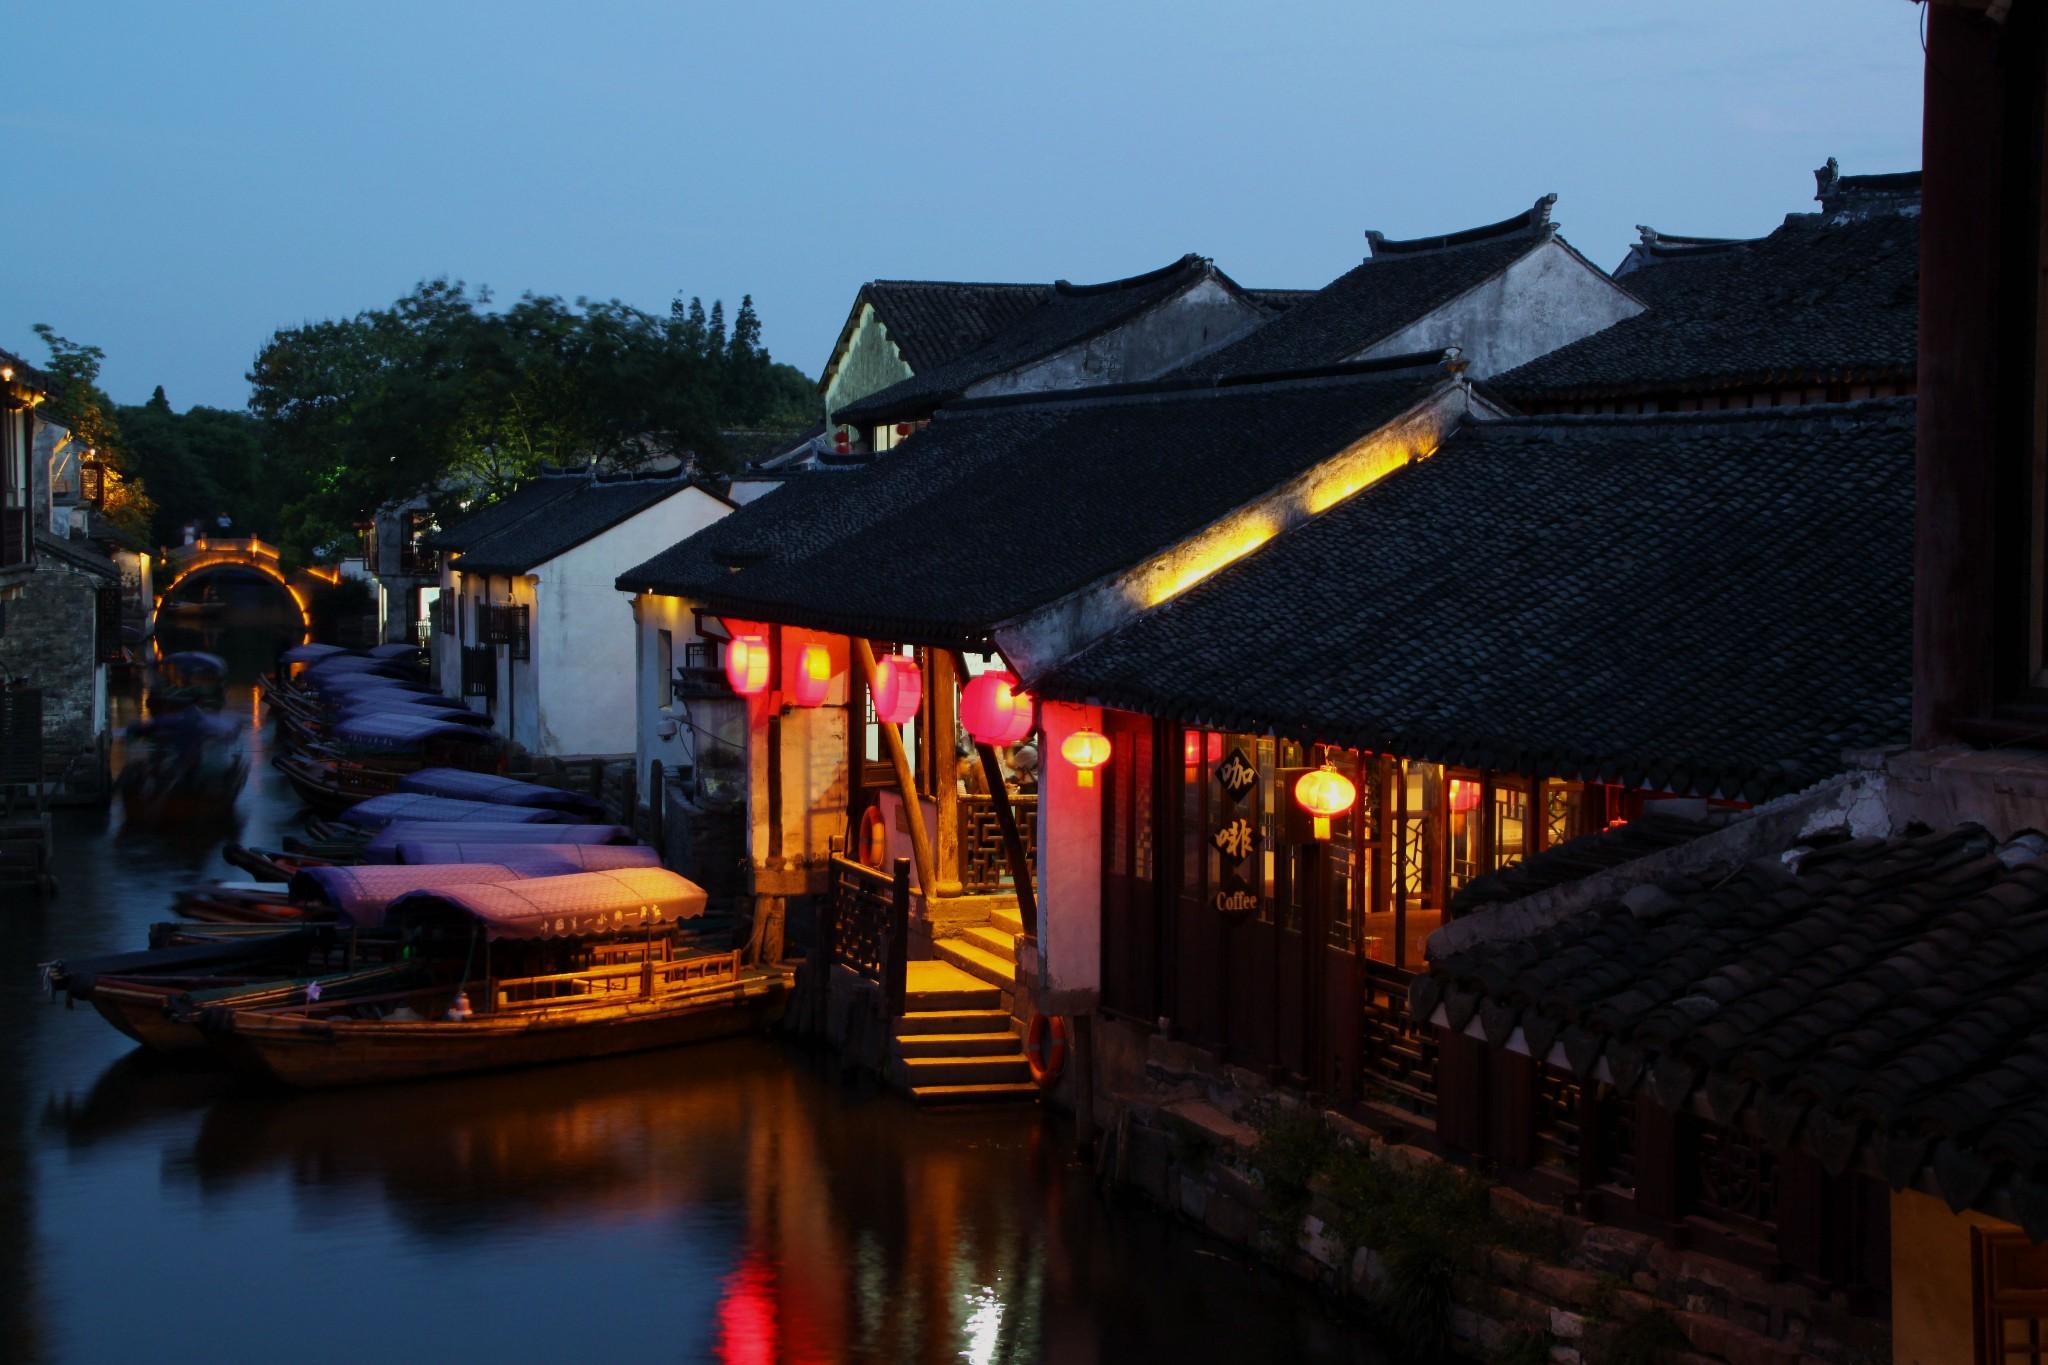 苏州有哪些小吃街,苏州必逛小吃街,苏州好吃的小吃街